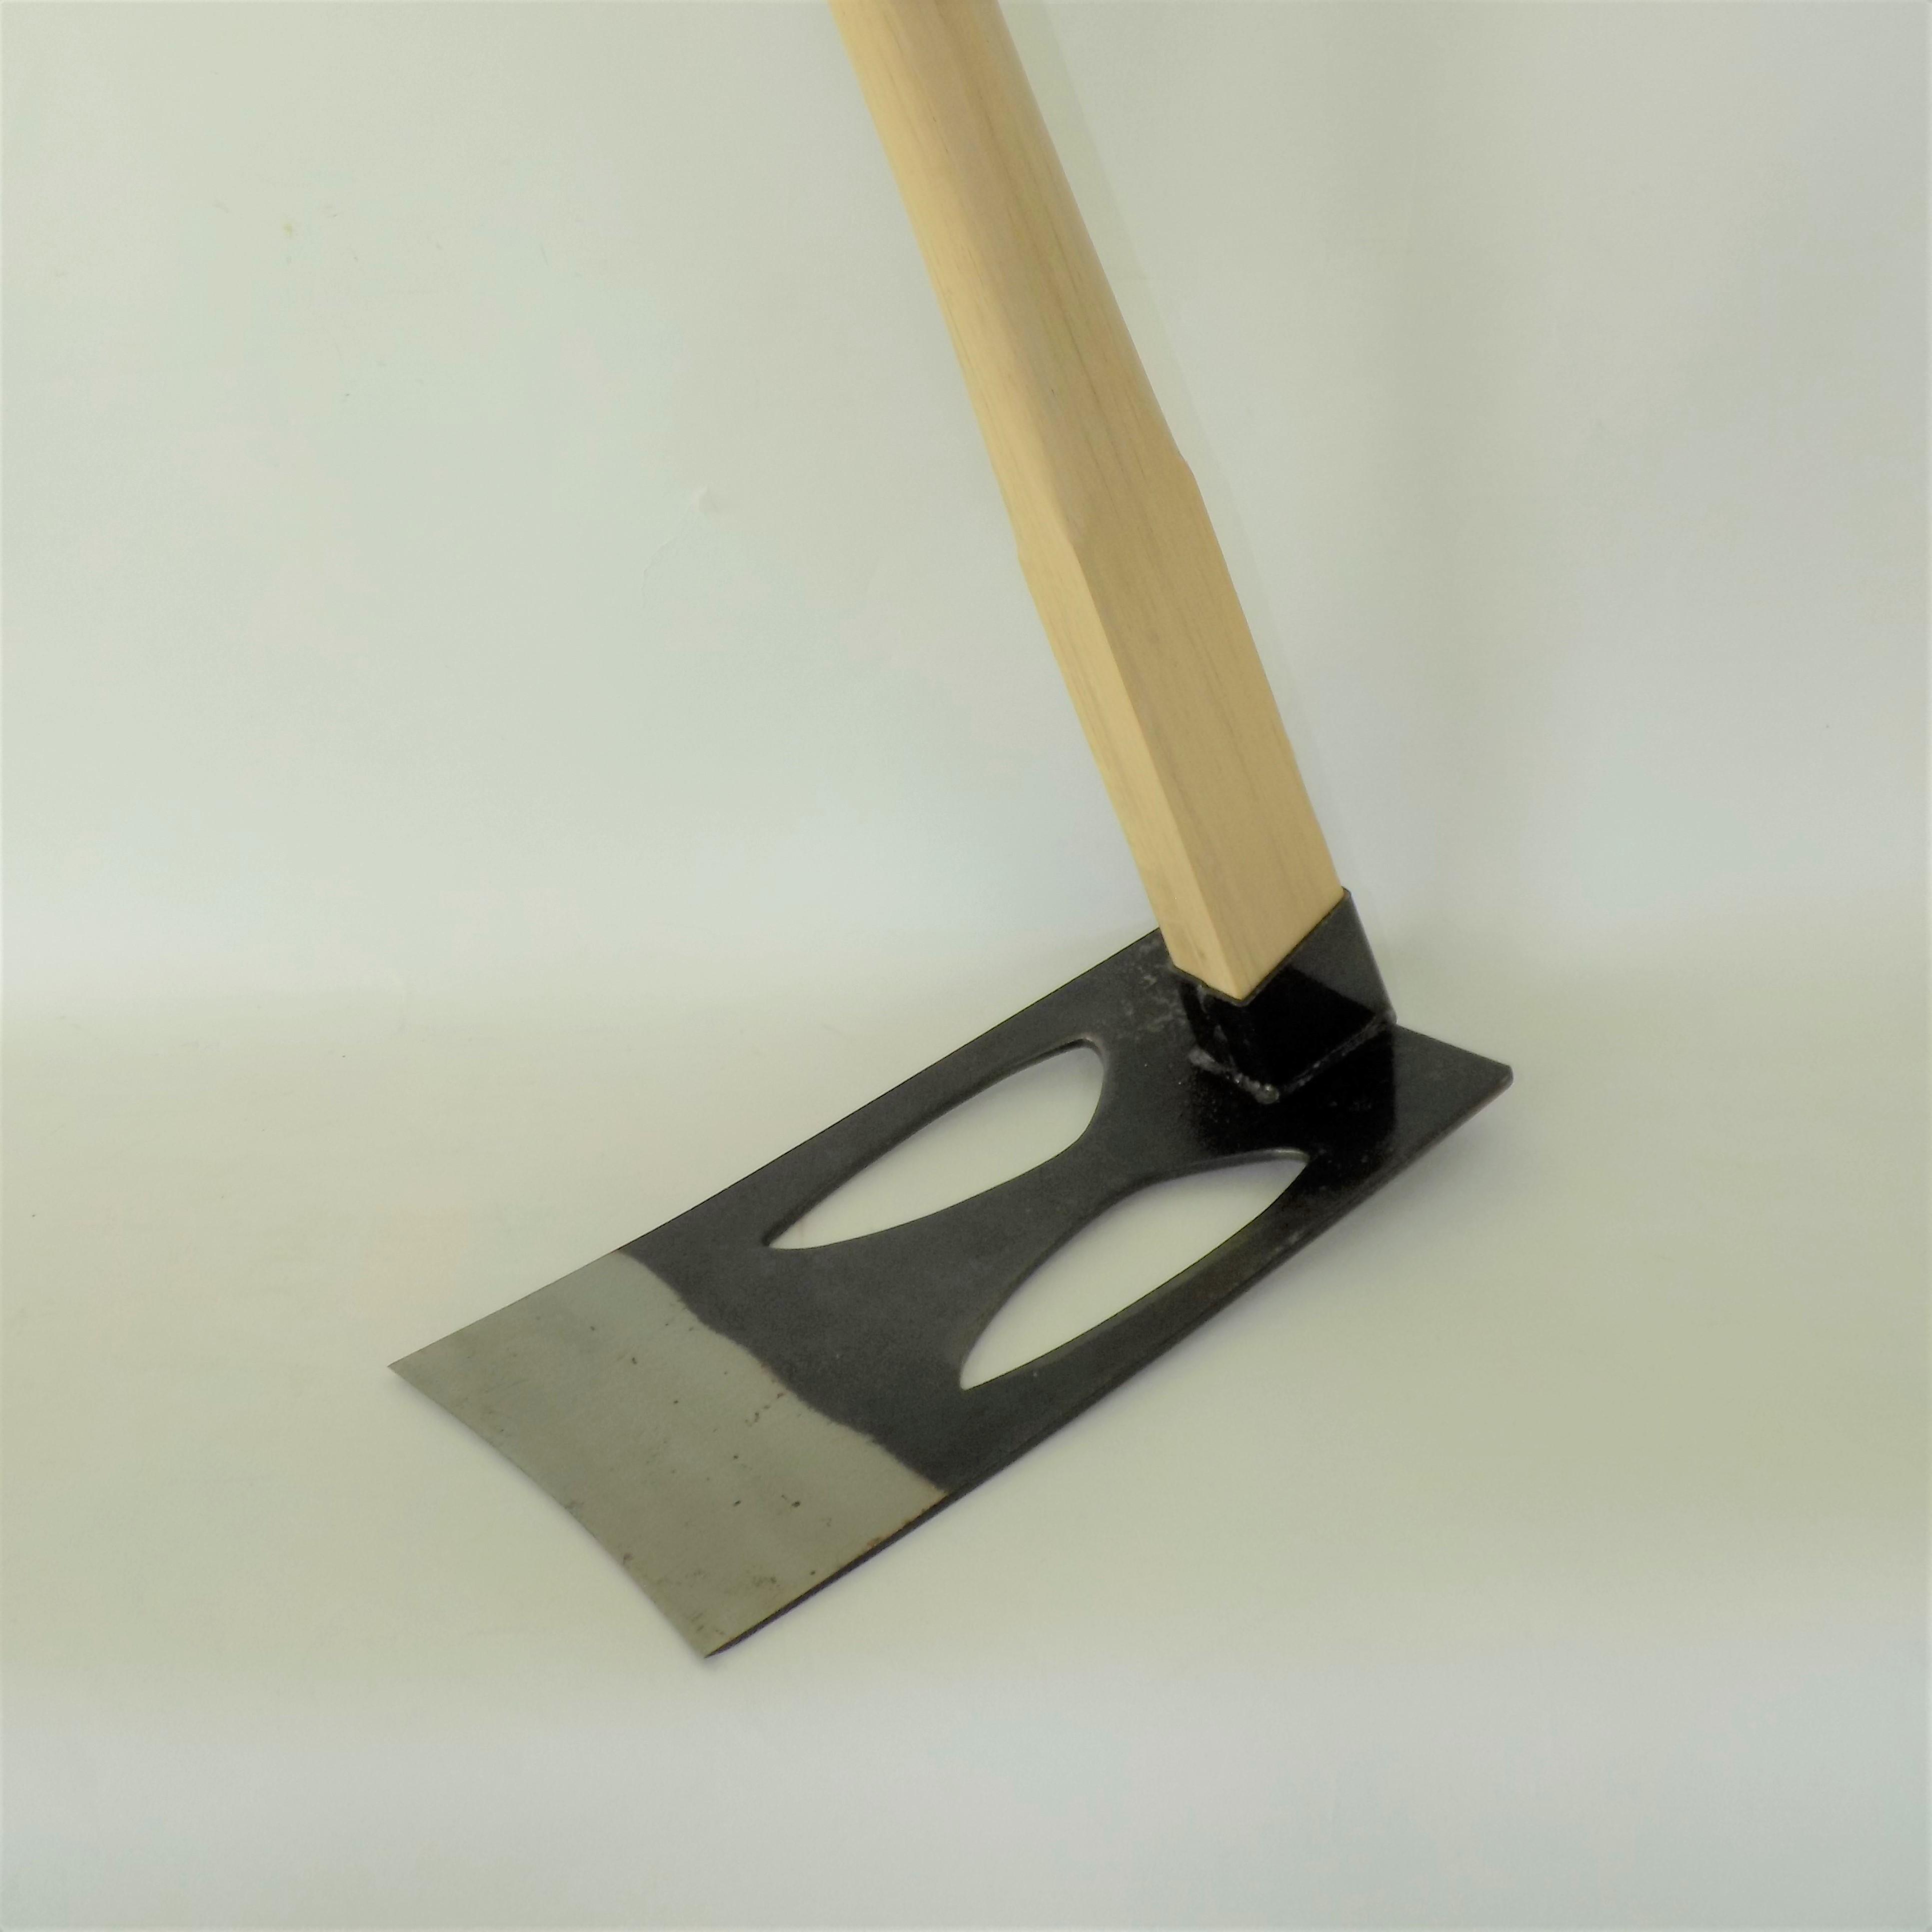 【軽快 窓鍬】鍬専門メーカーのオリジナル 土離れの悪い粘土質向き 窓開き軽くて丈夫な平鍬